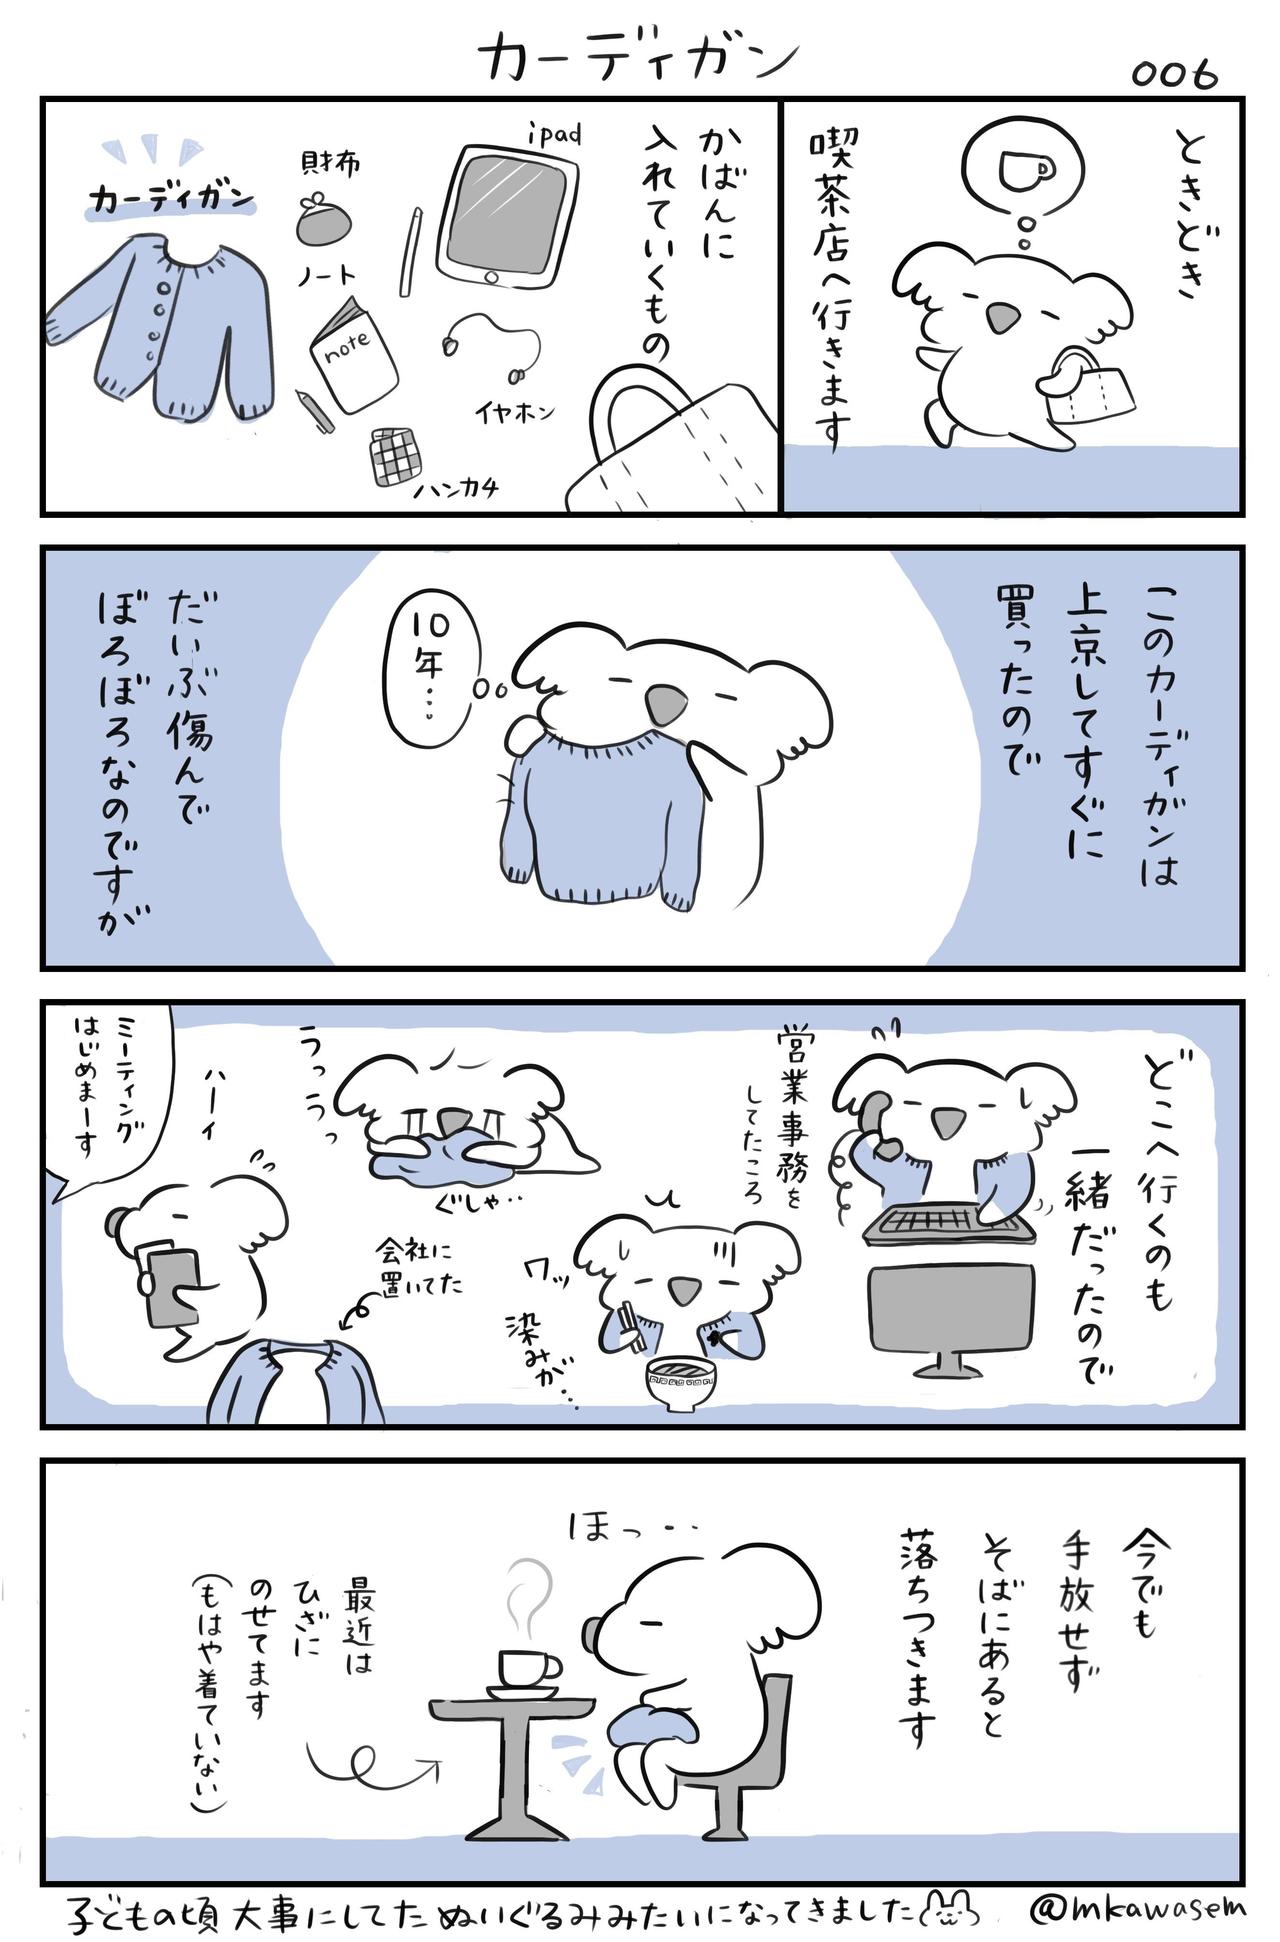 006喫茶店